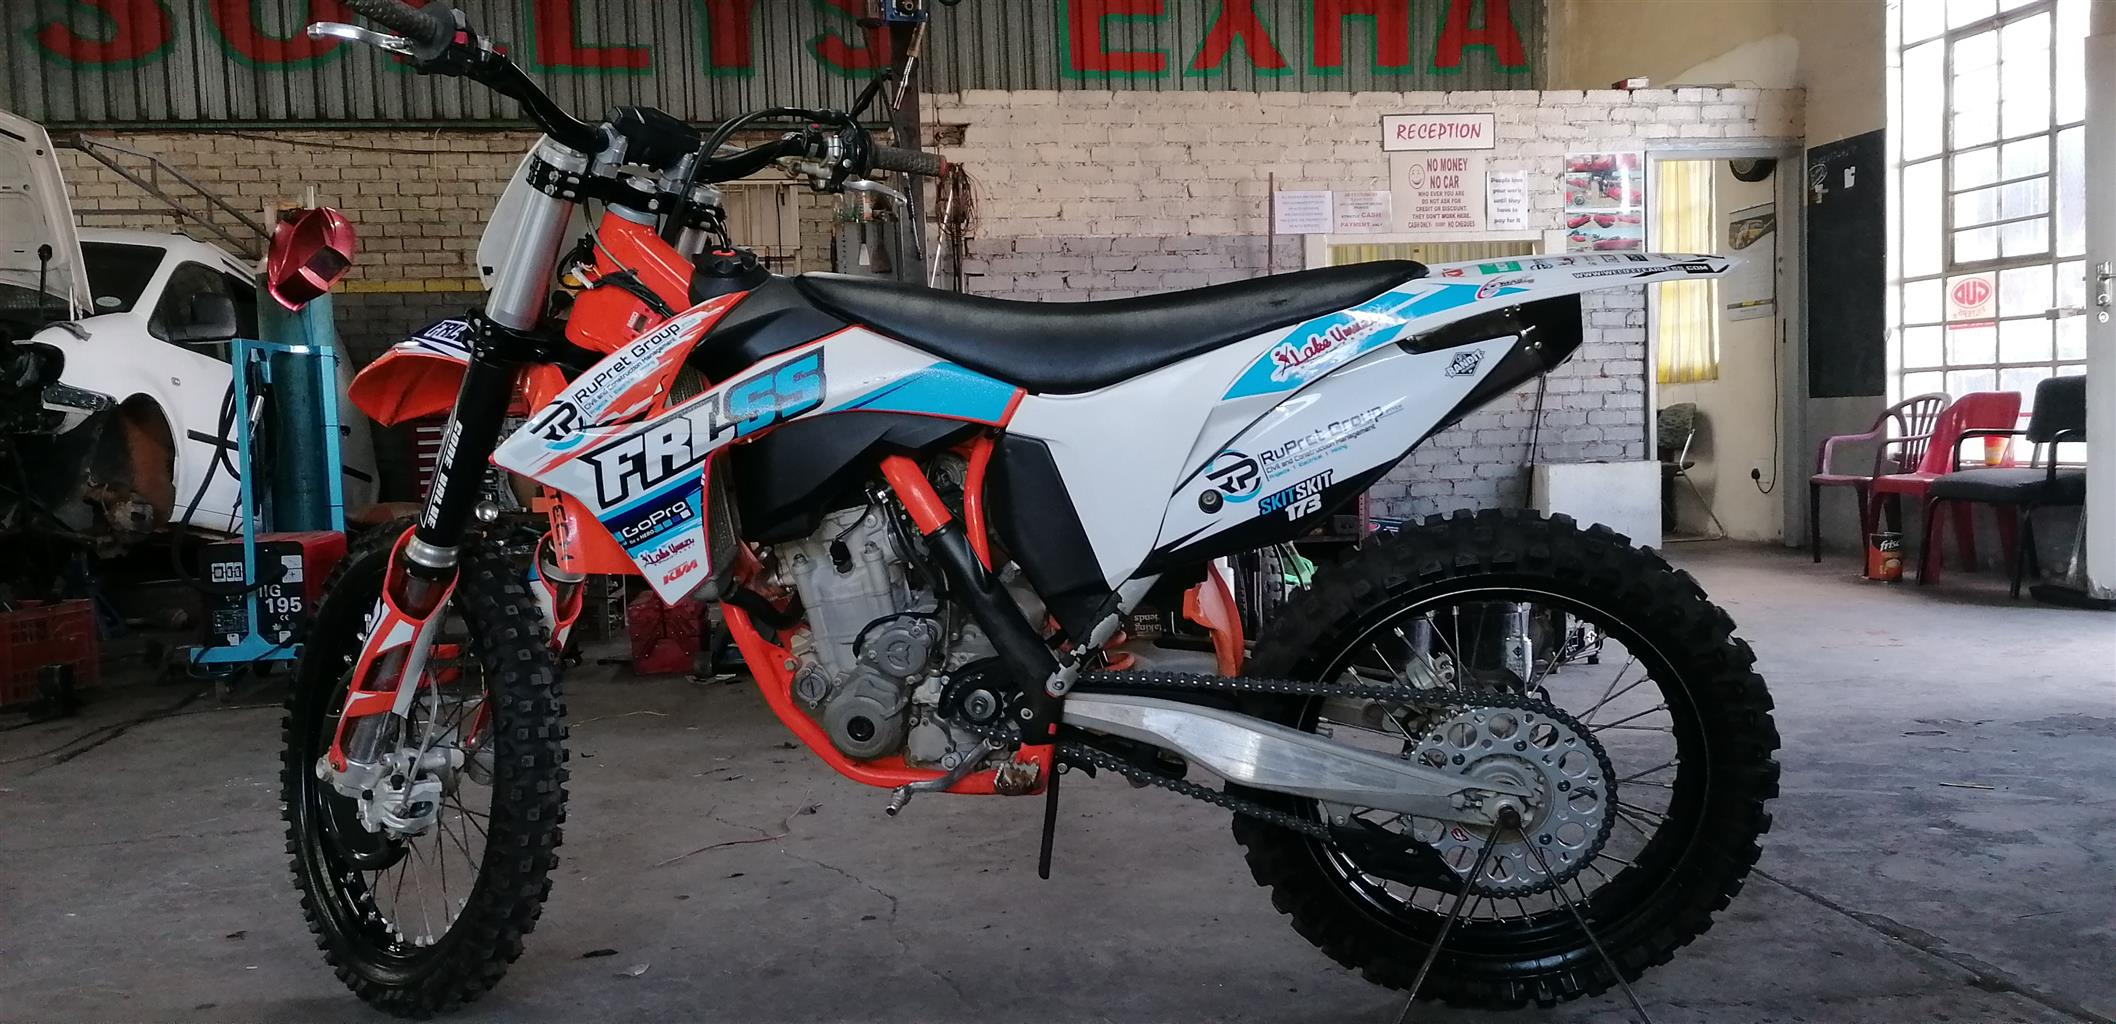 Ktm 350 sx-f